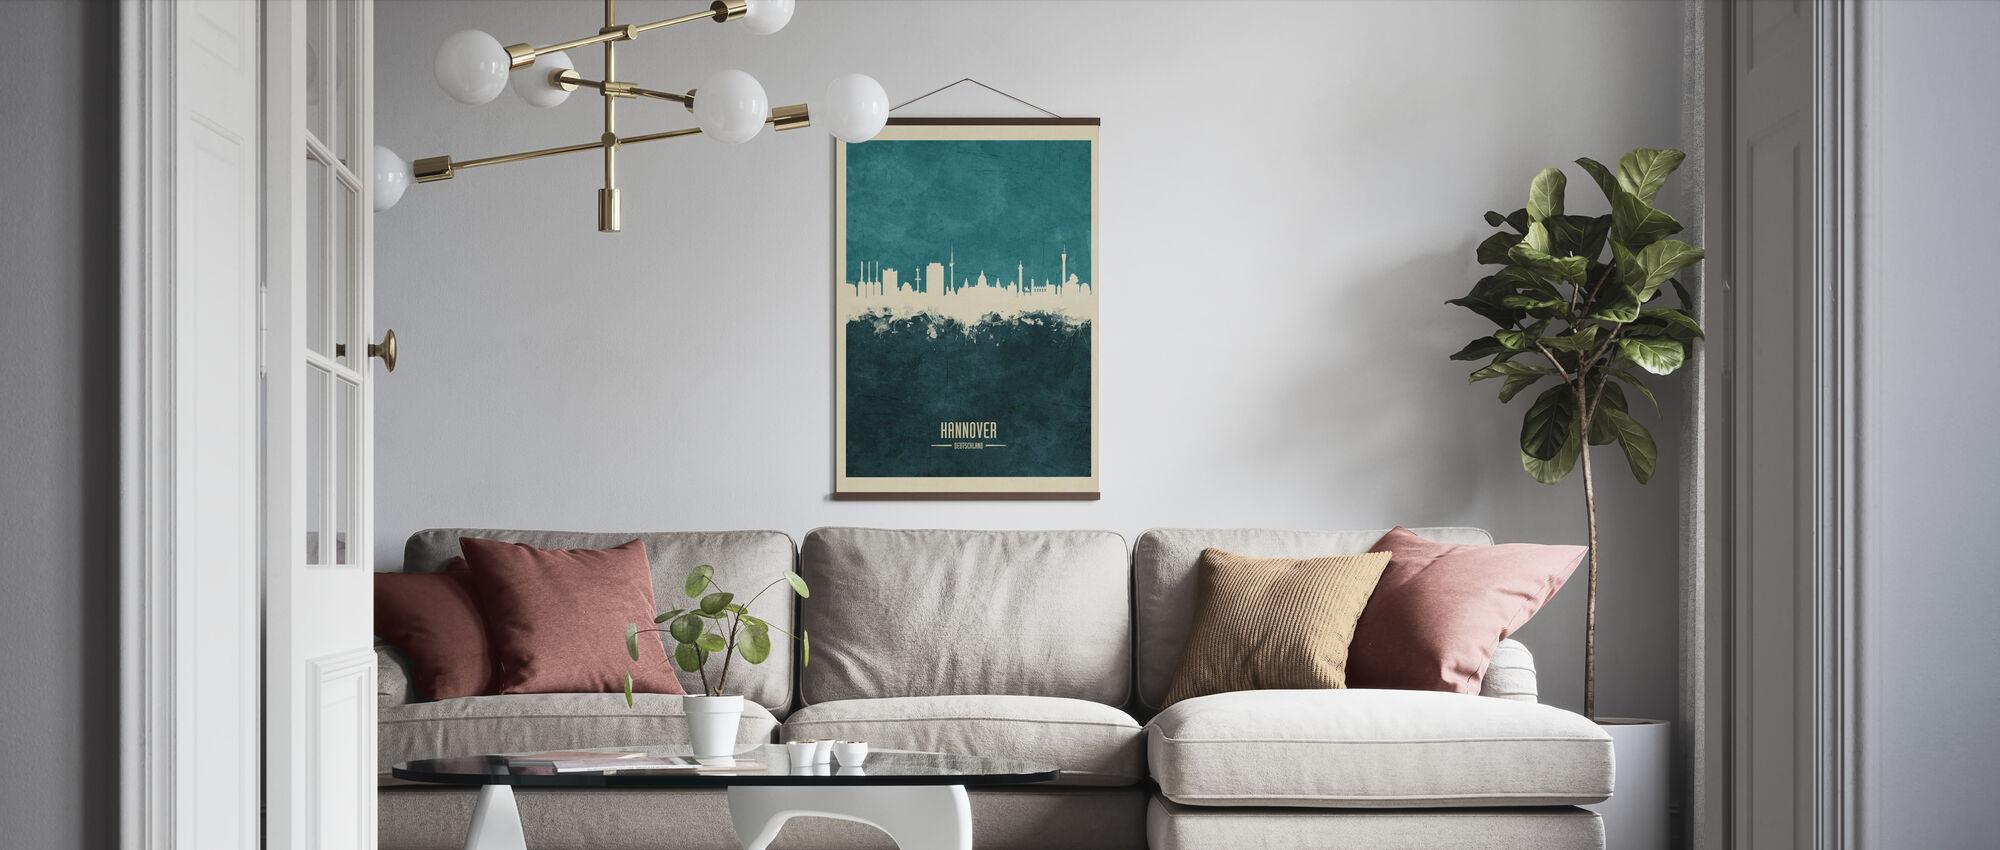 Hannover Tyskland Skyline Blå - Poster - Vardagsrum